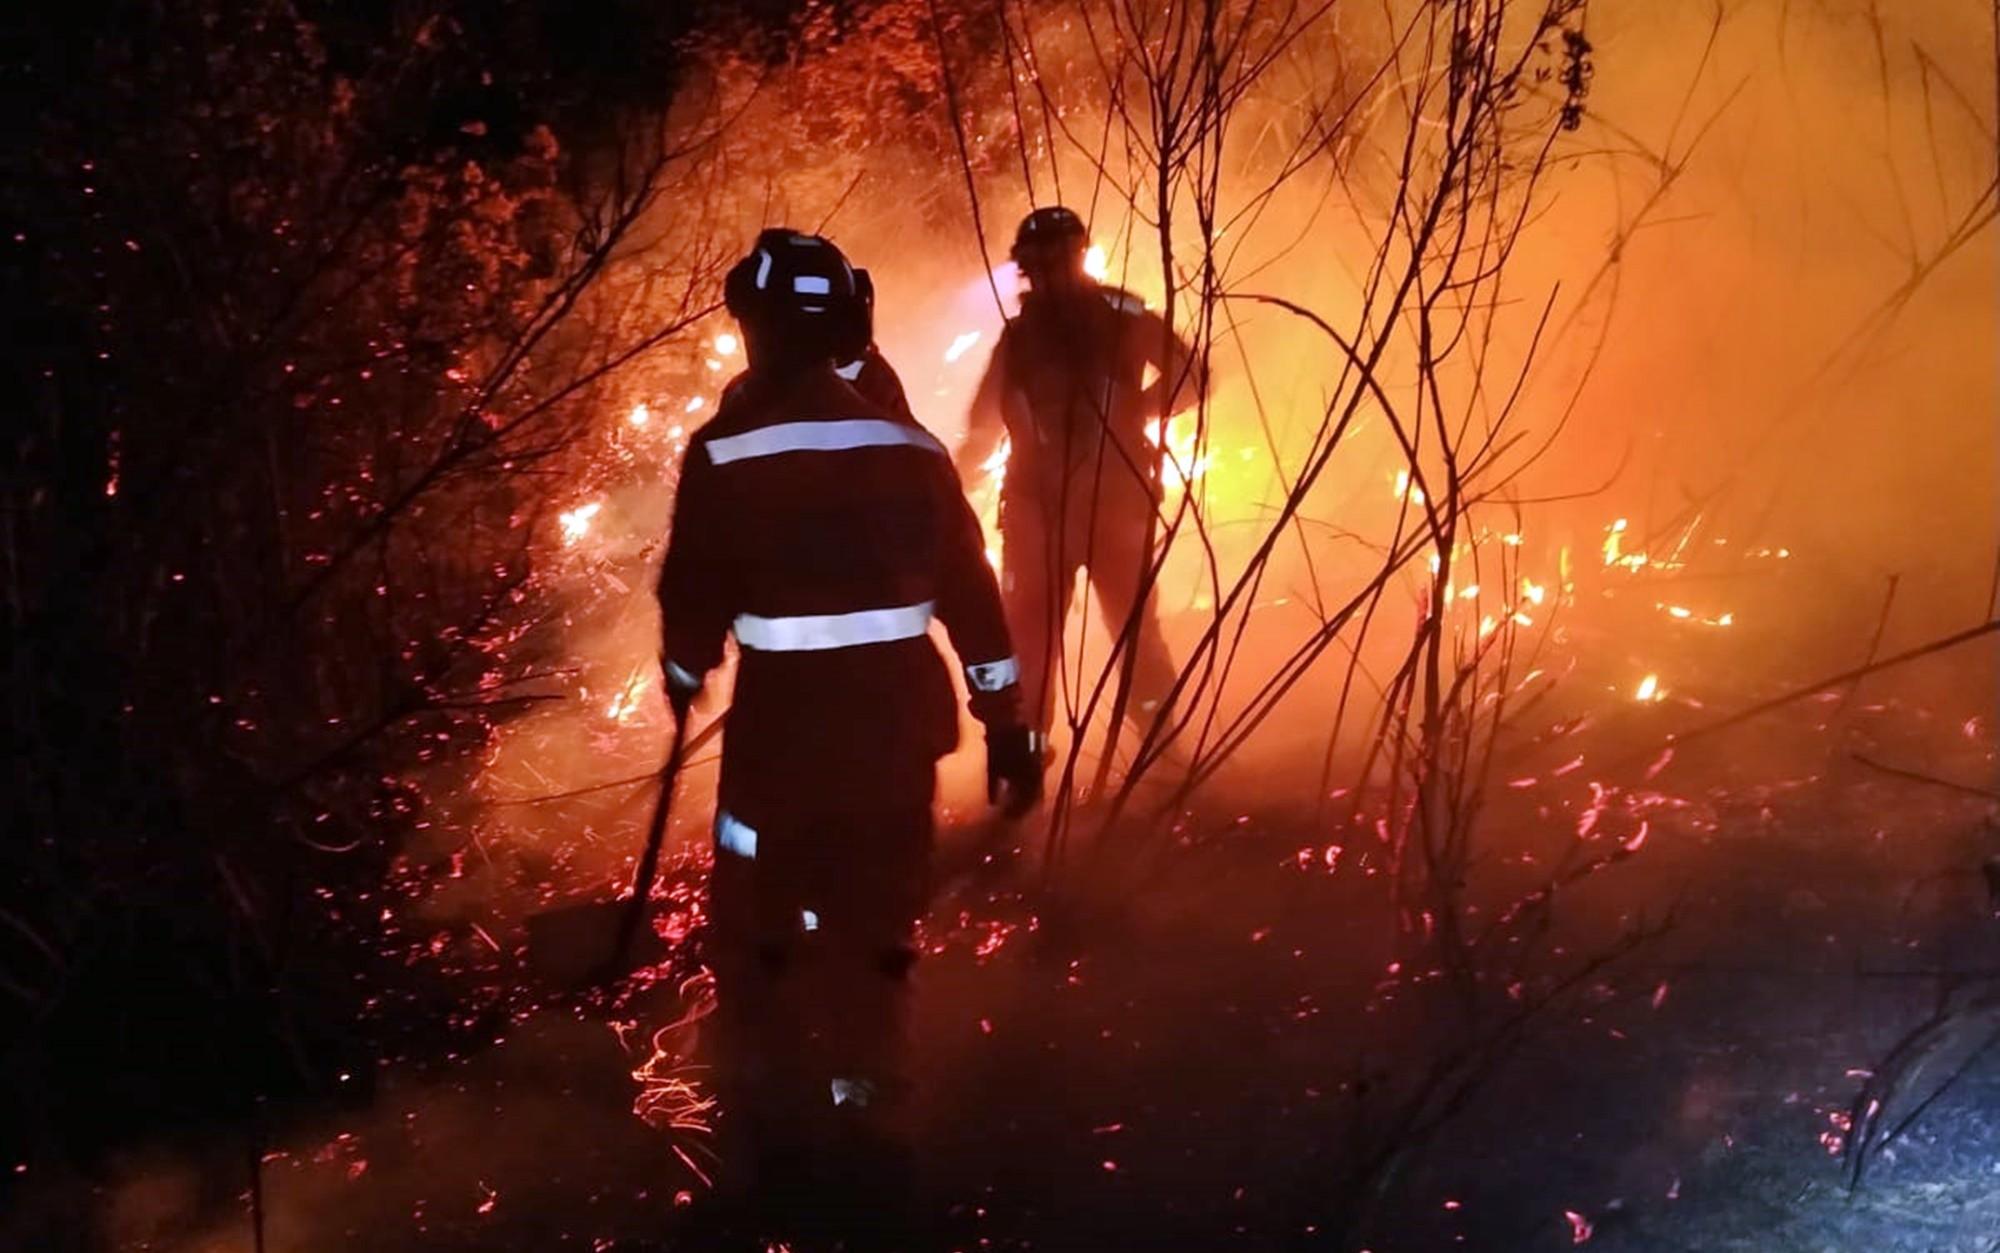 Incêndio às margens da estrada da 'Mãe Rainha' destrói vegetação em Poços de Caldas, MG